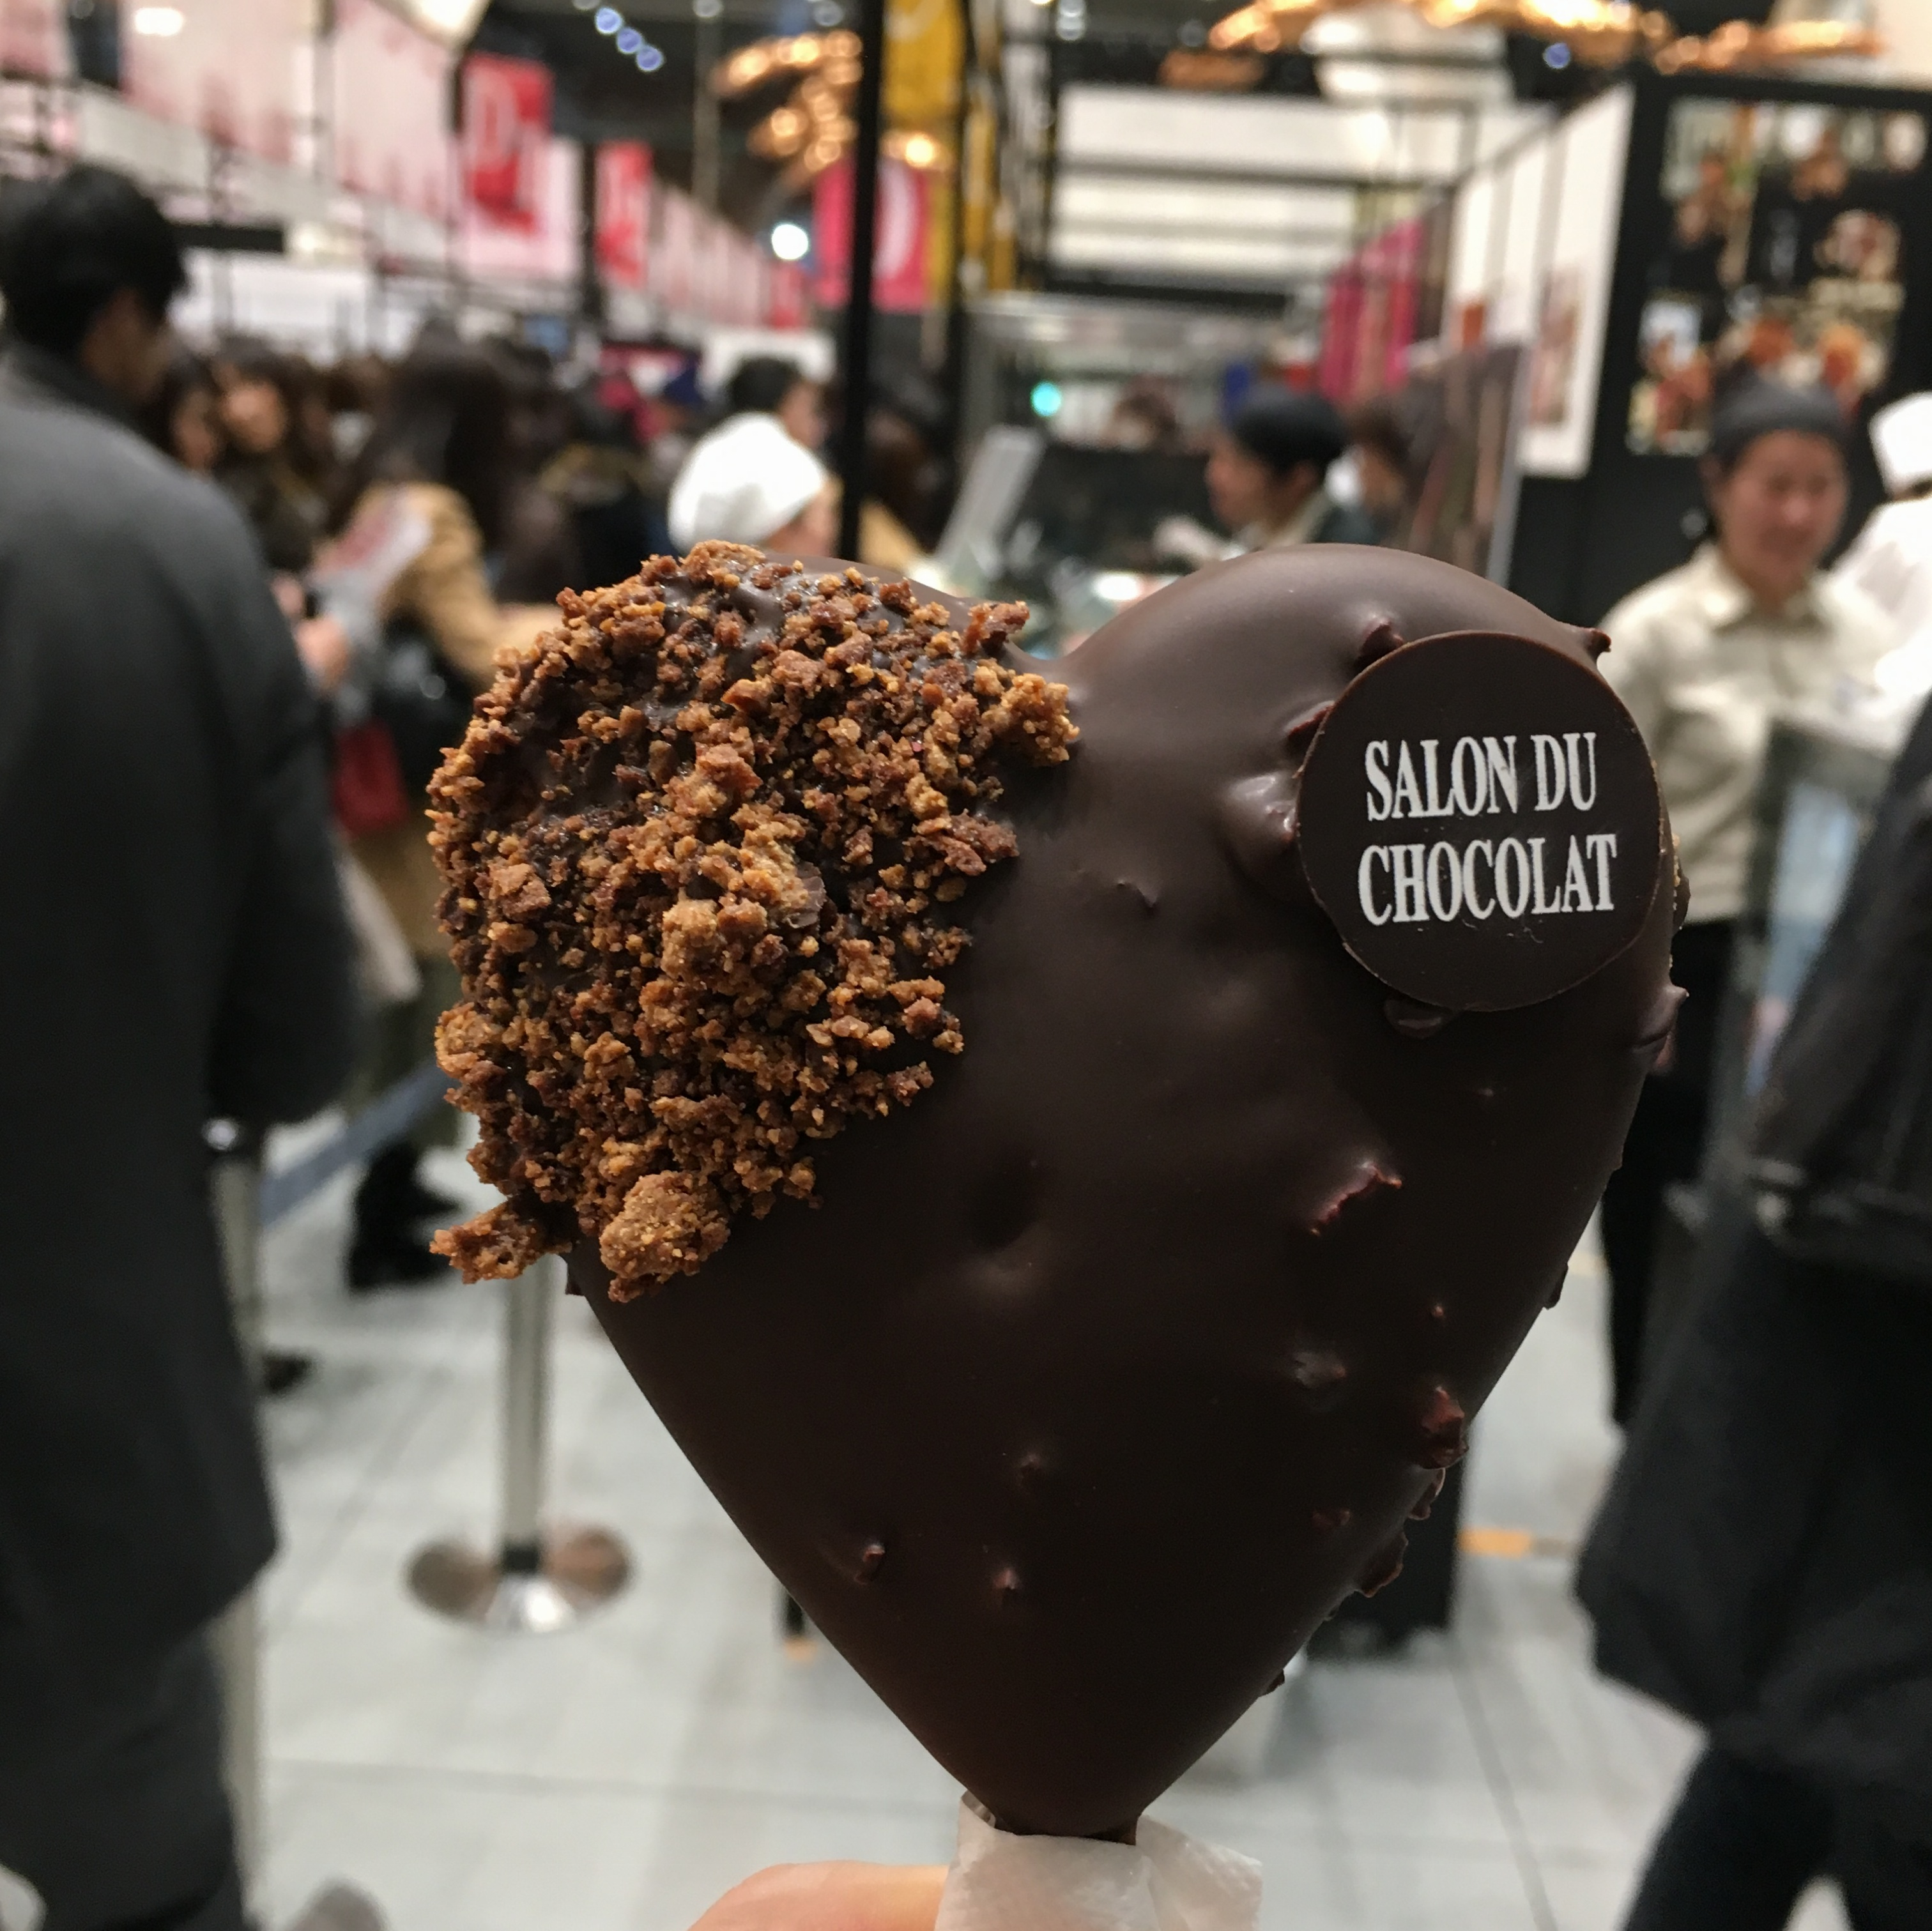 大行列だったサロン・デュ・ショコラ!絶対食べて欲しいチョコレート_6